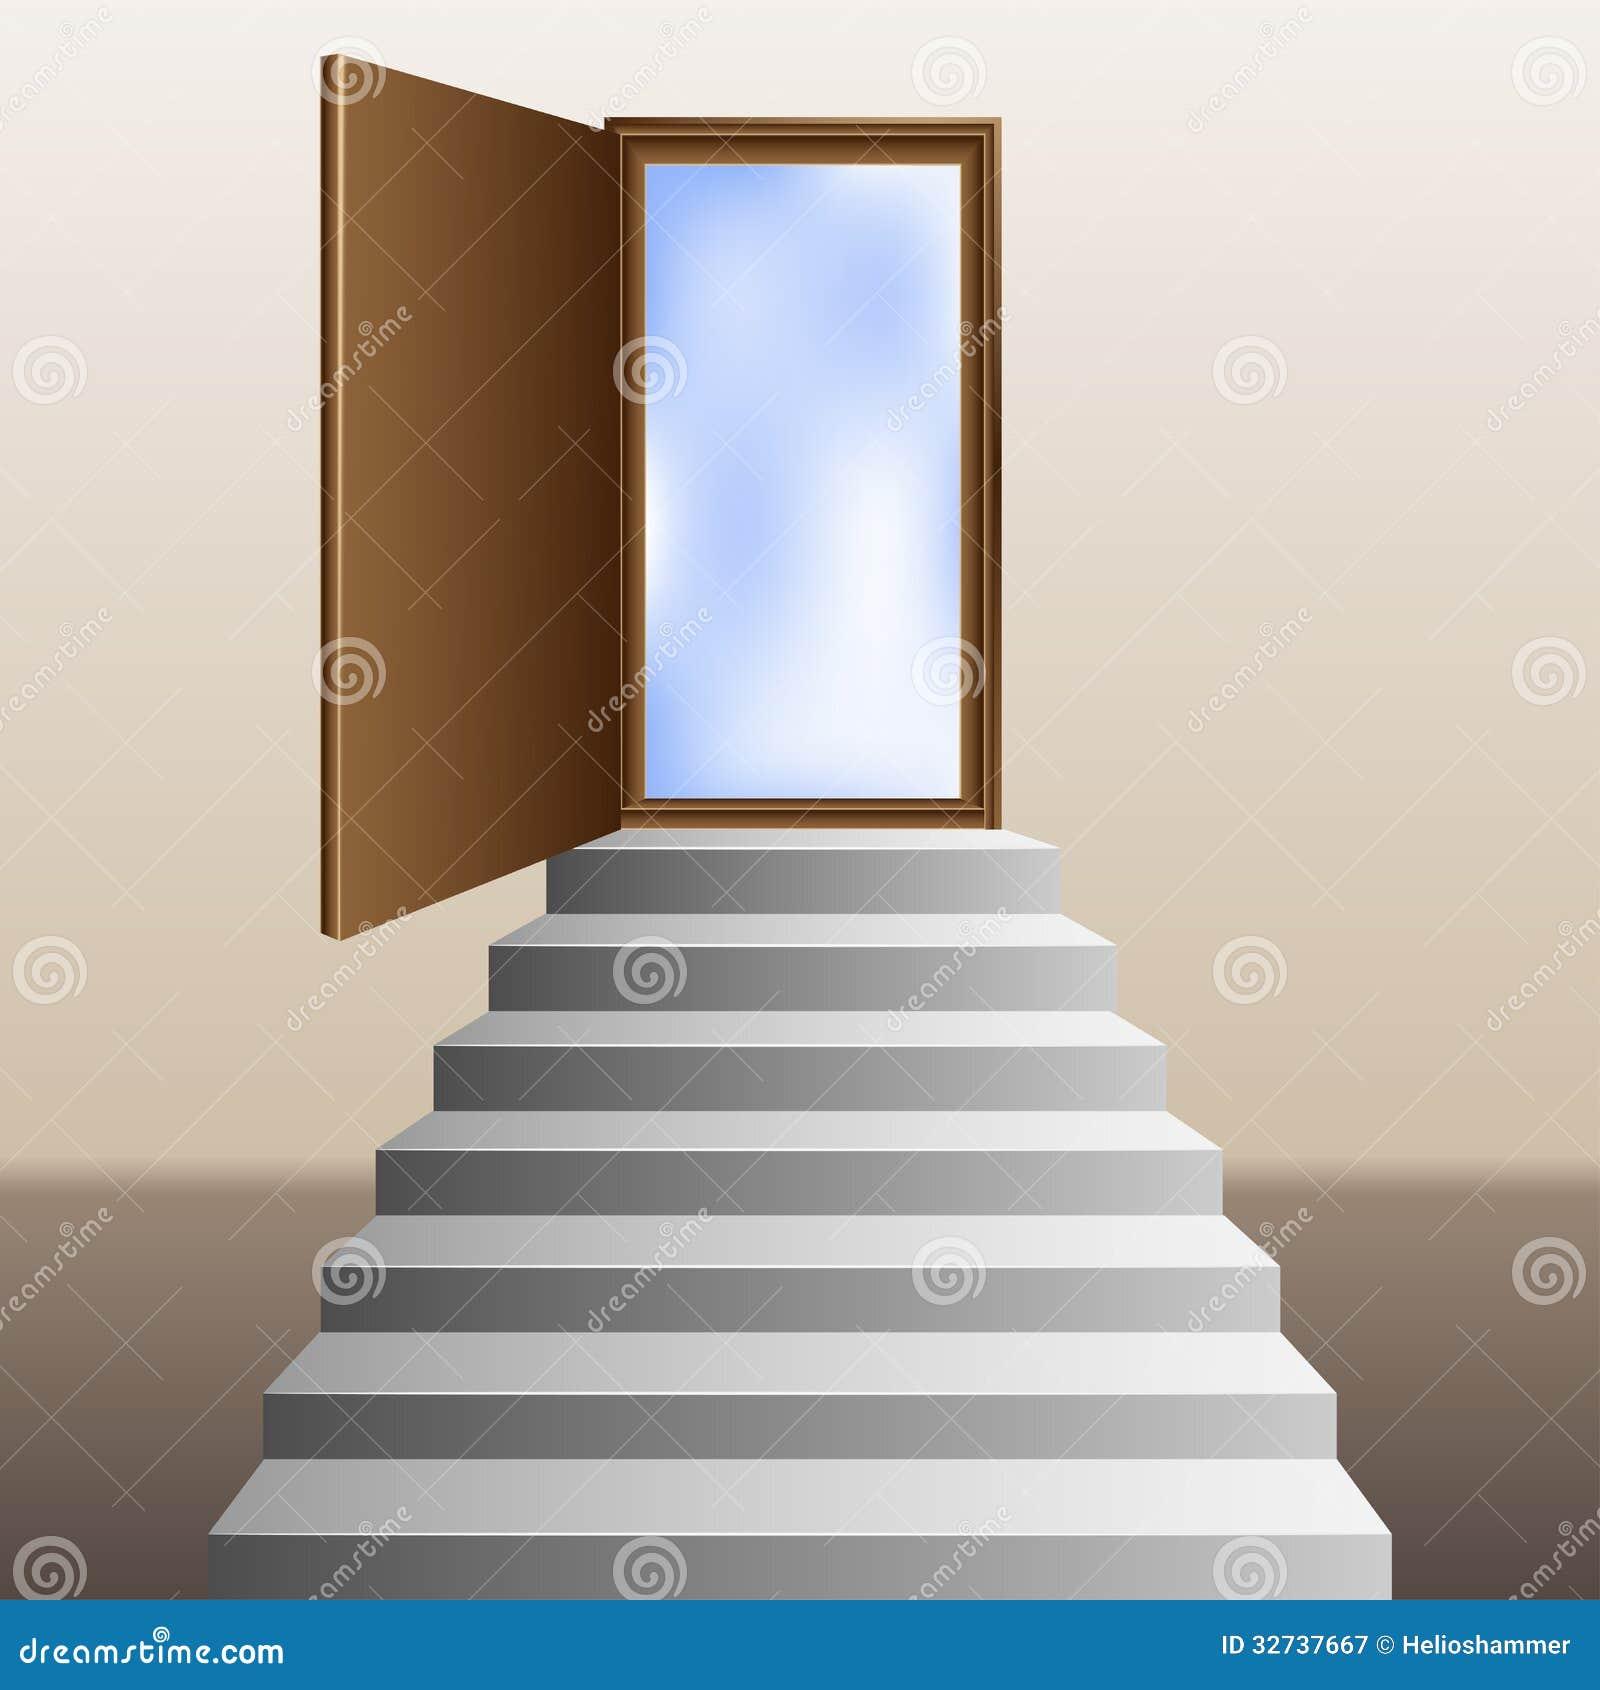 3d door design free download  | 640 x 480